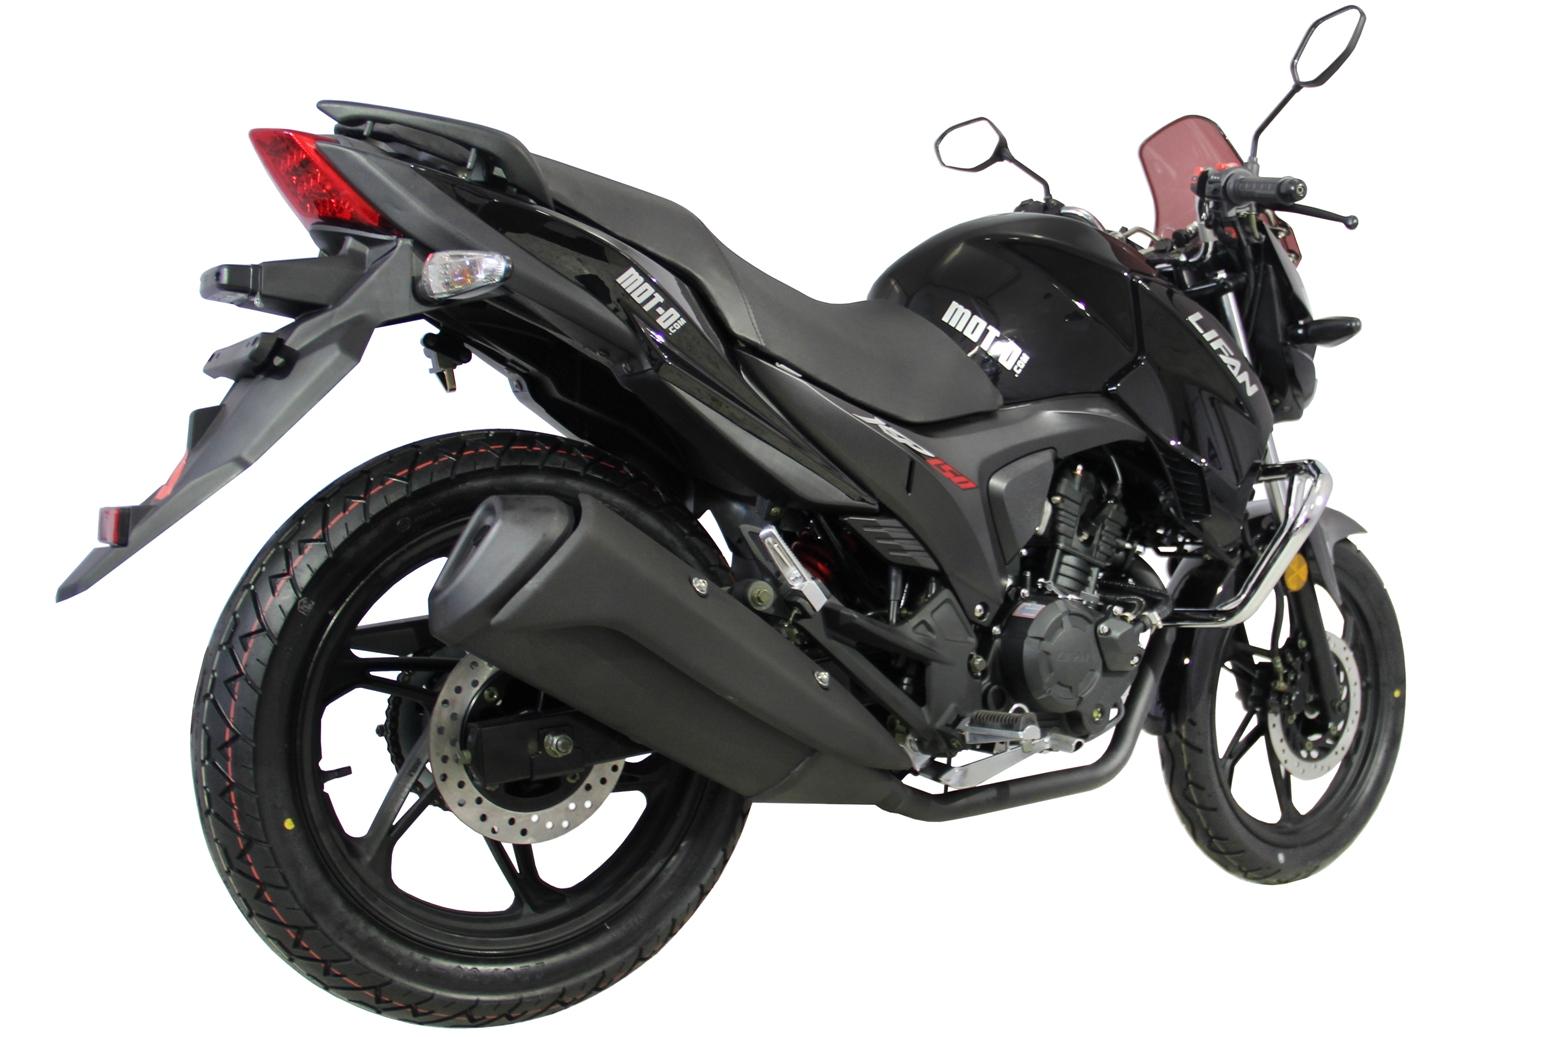 МОТОЦИКЛ LIFAN KP150 (LIFAN IROKEZ) Black ― Артмото - купить квадроцикл в украине и харькове, мотоцикл, снегоход, скутер, мопед, электромобиль